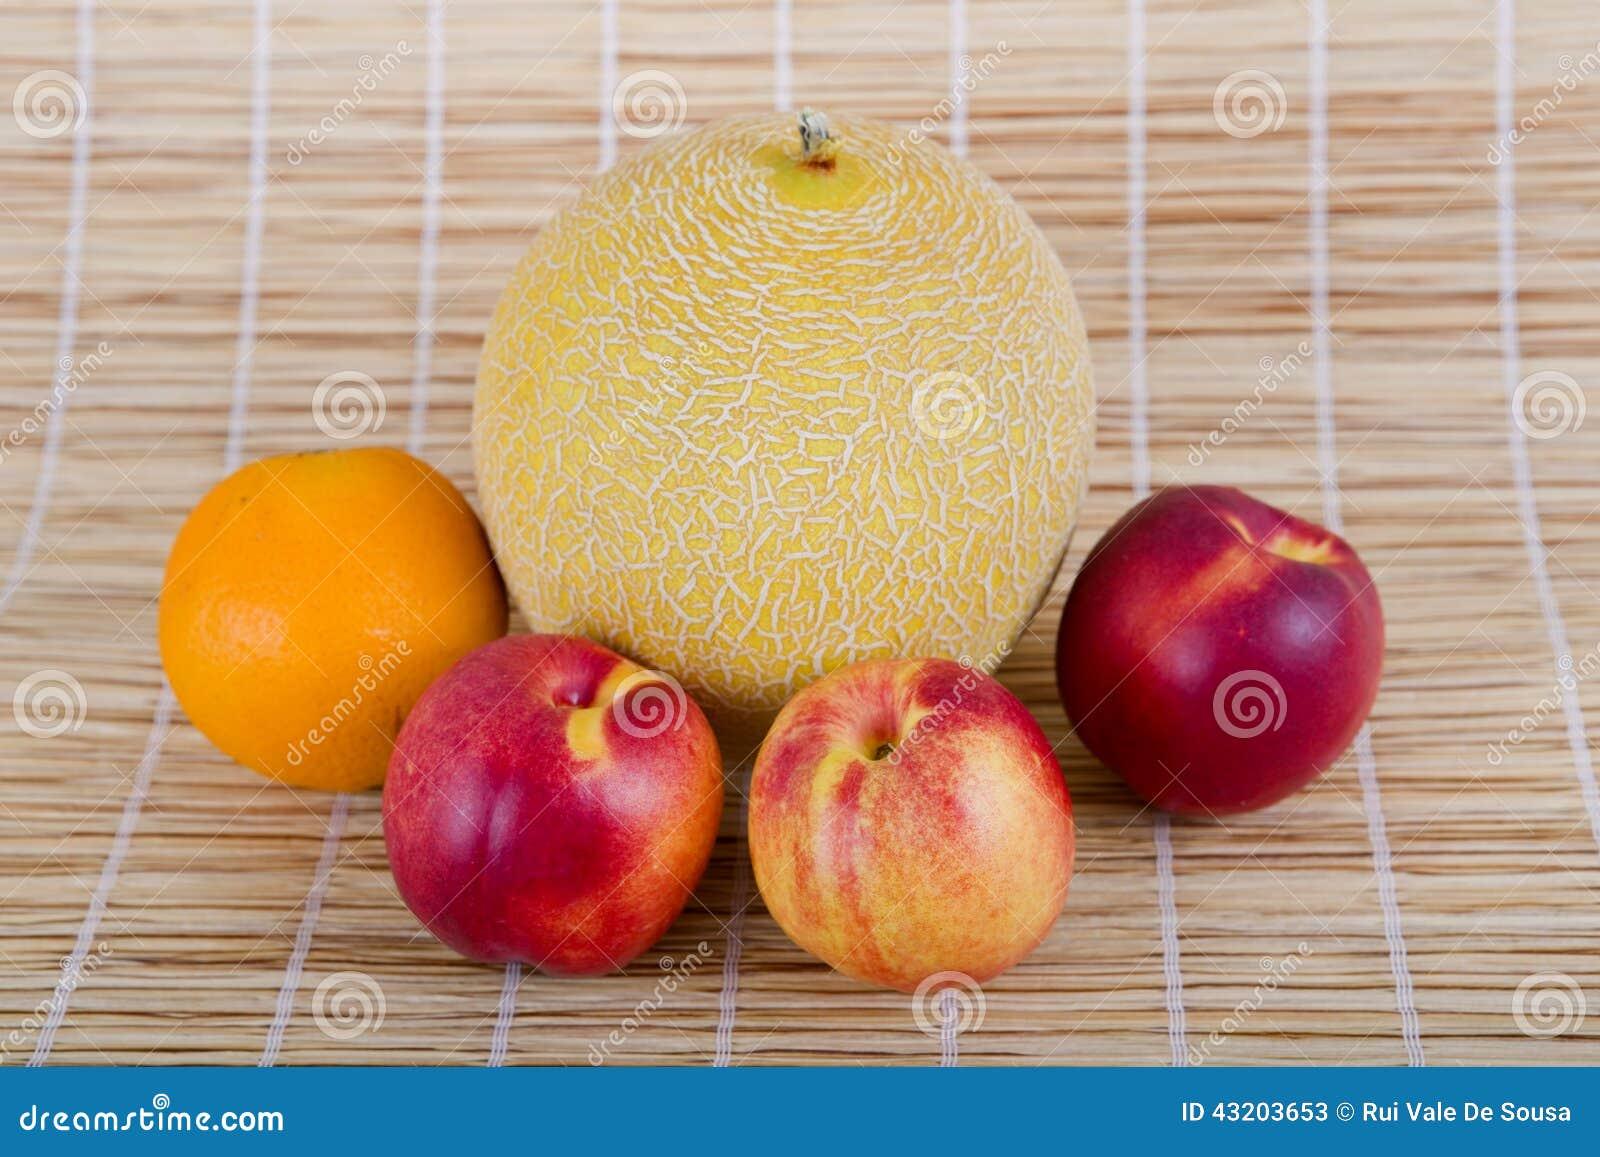 Download Frukter fotografering för bildbyråer. Bild av marknad - 43203653